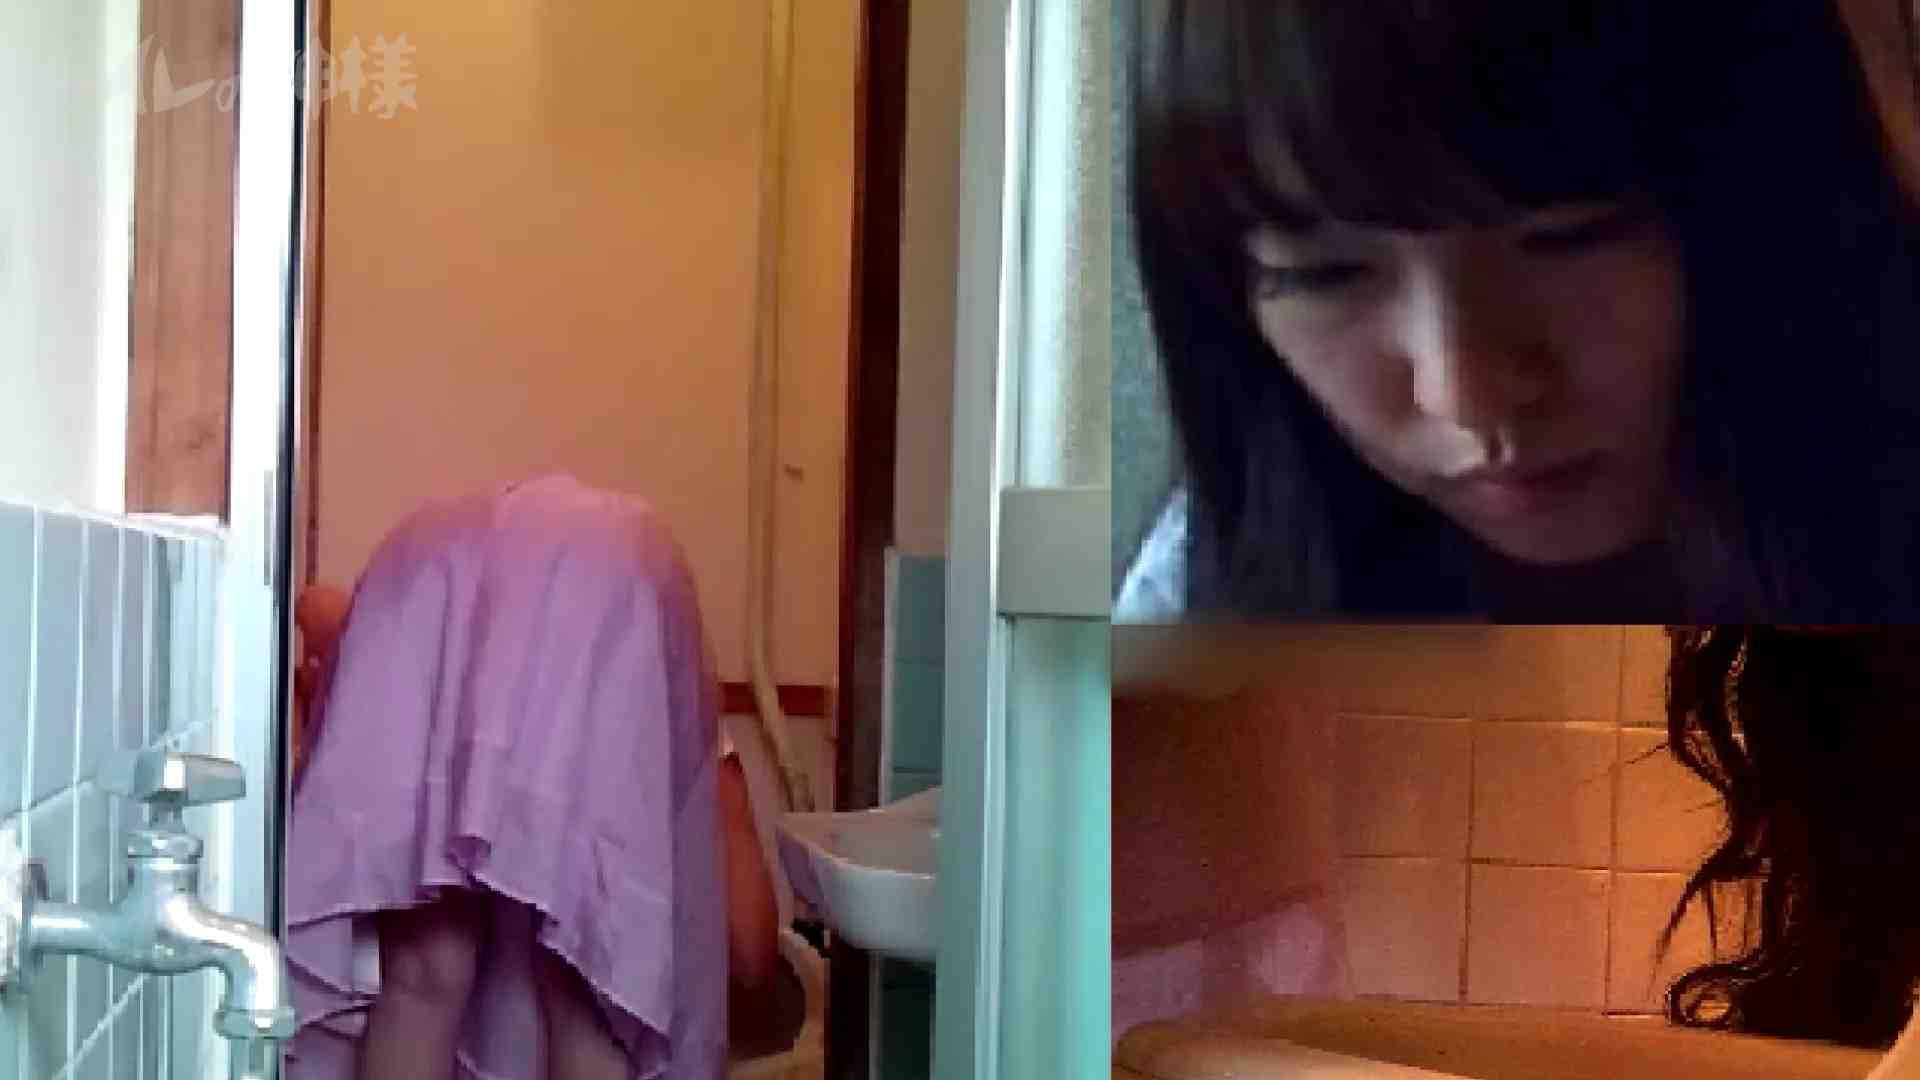 トイレの神様 Vol.09 美女のGEBOきれいに撮っています 細身女性 アダルト動画キャプチャ 67画像 63